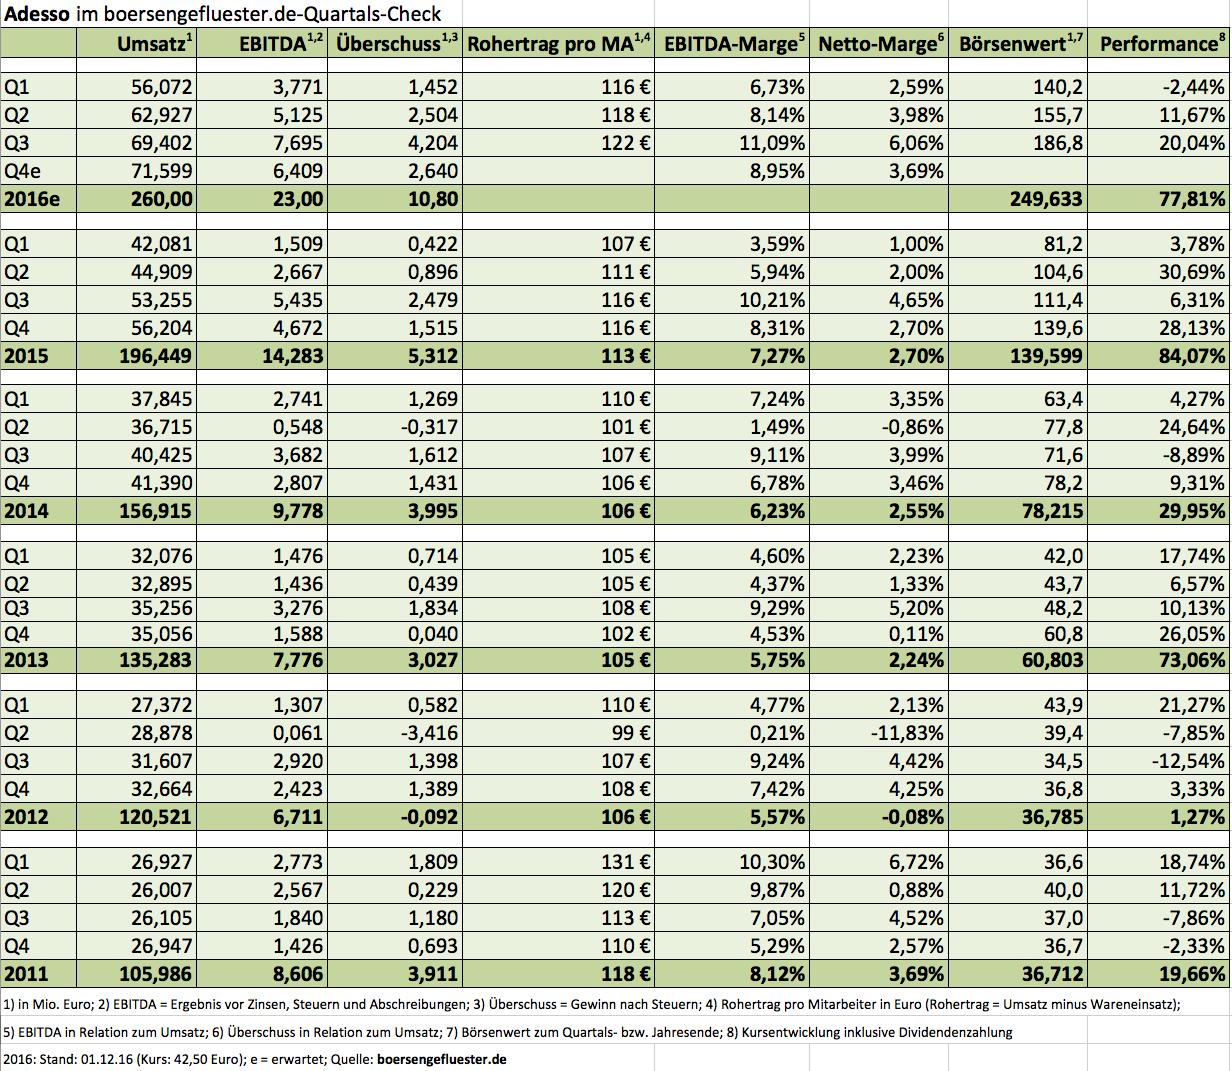 Schön Umsatzprognose Vorlage Excel Zeitgenössisch - Entry Level ...